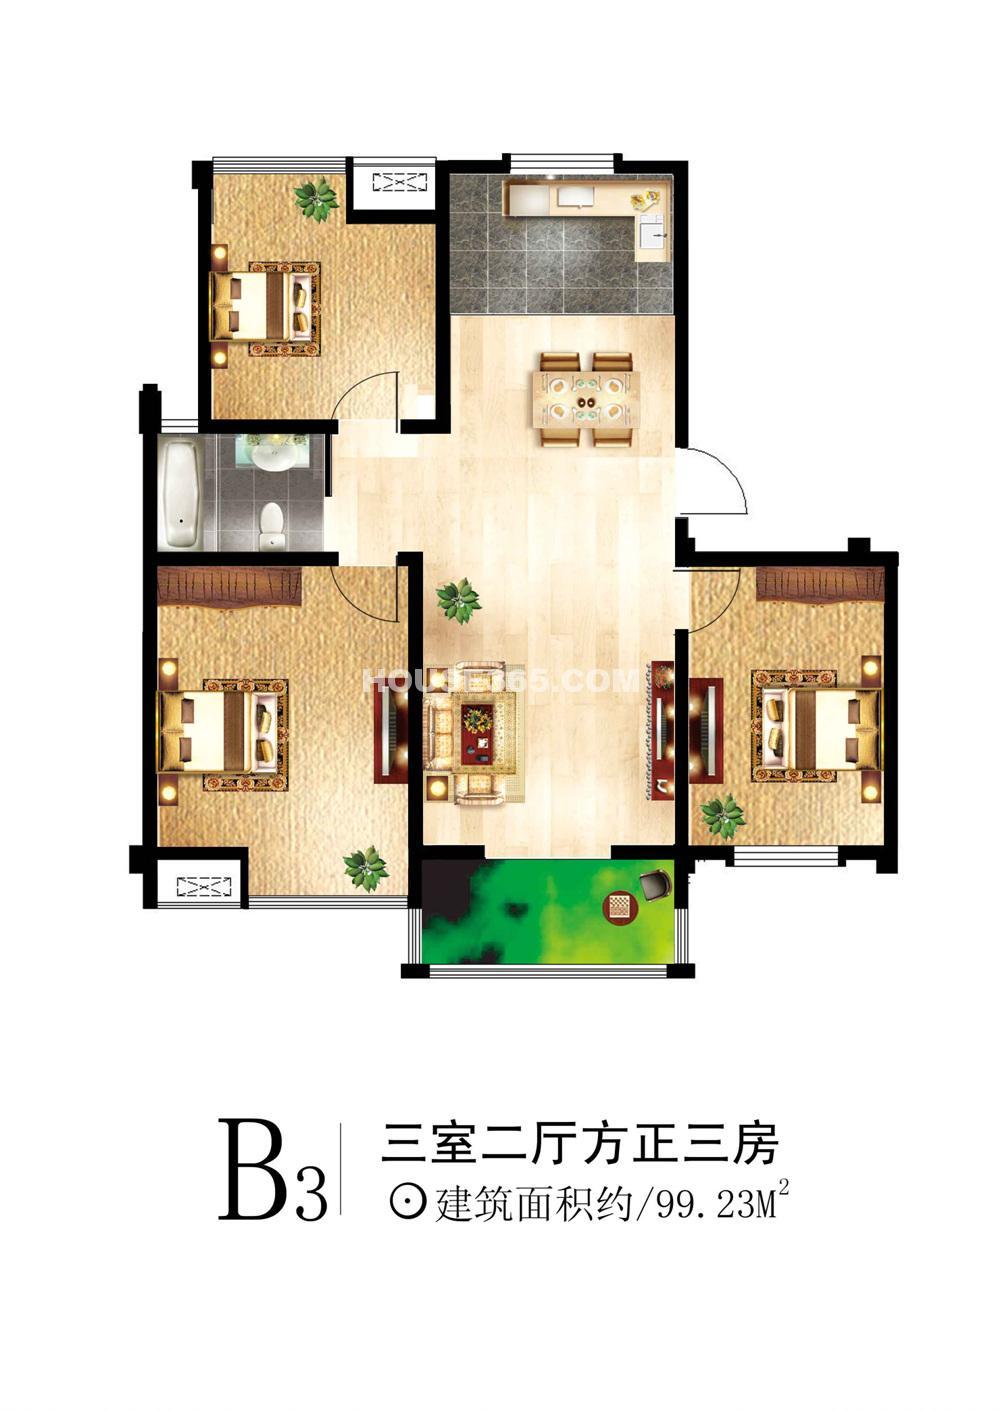 1410二层房设计图